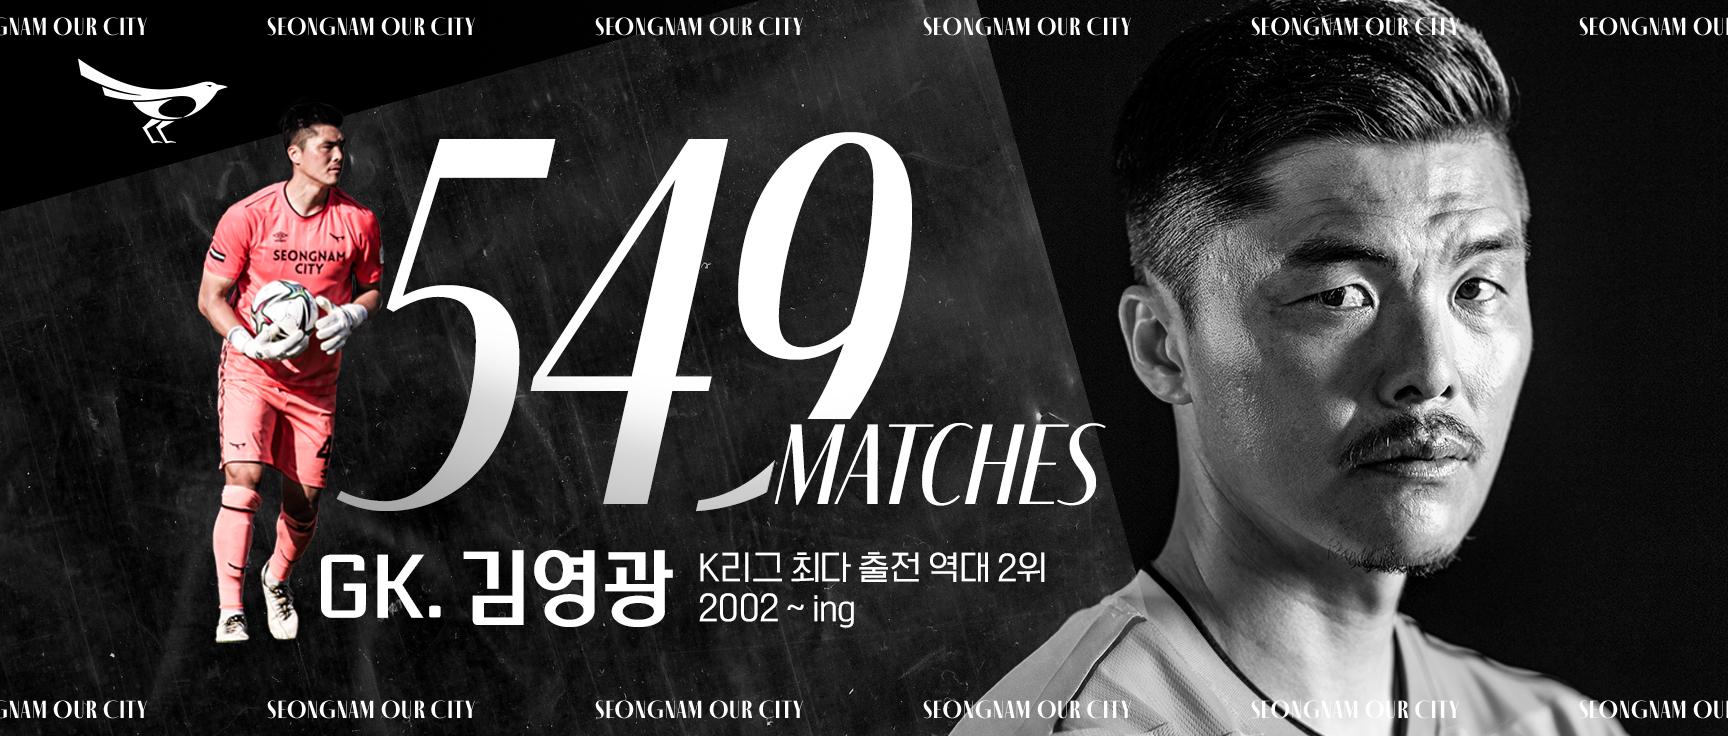 성남FC 김영광, K리그 통산 549경기 출전..역대 2위 기록